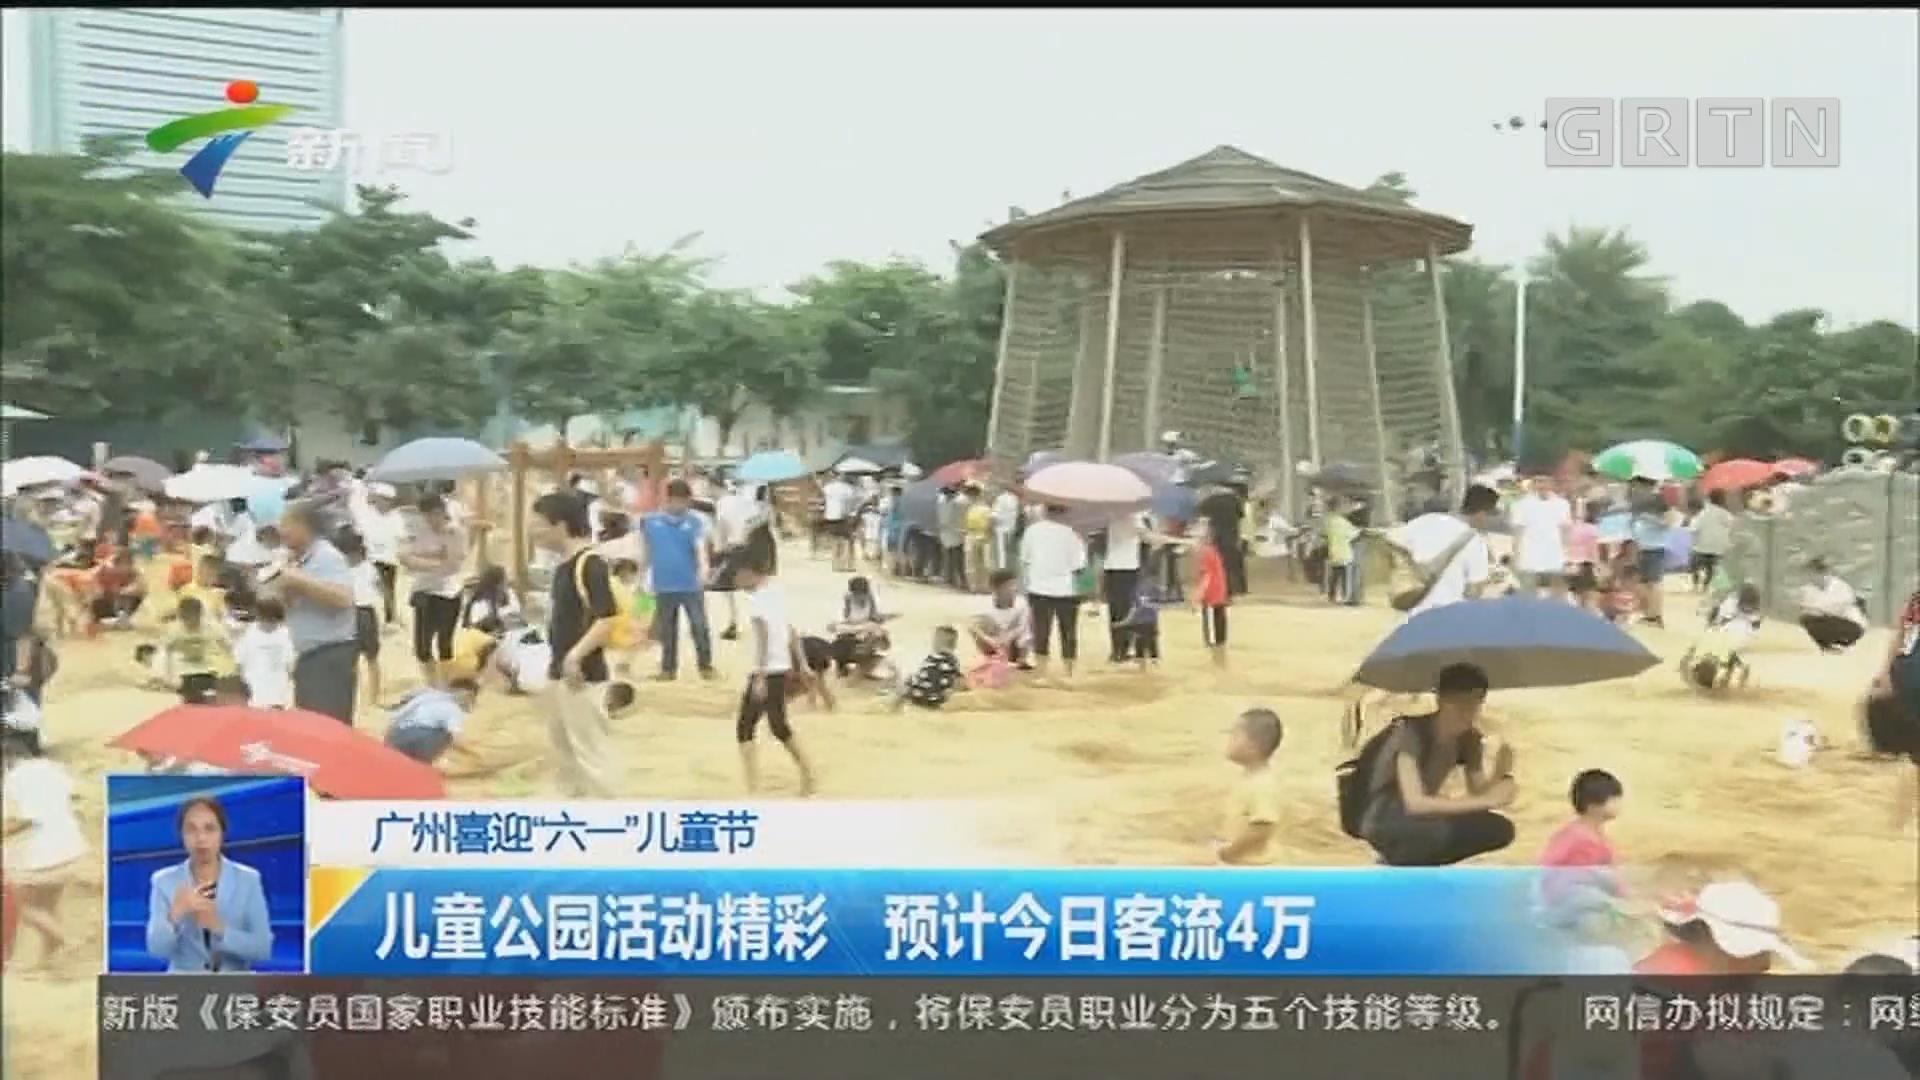 """广州喜迎""""六一""""儿童节:儿童公园活动精彩 预计今日客流4万"""